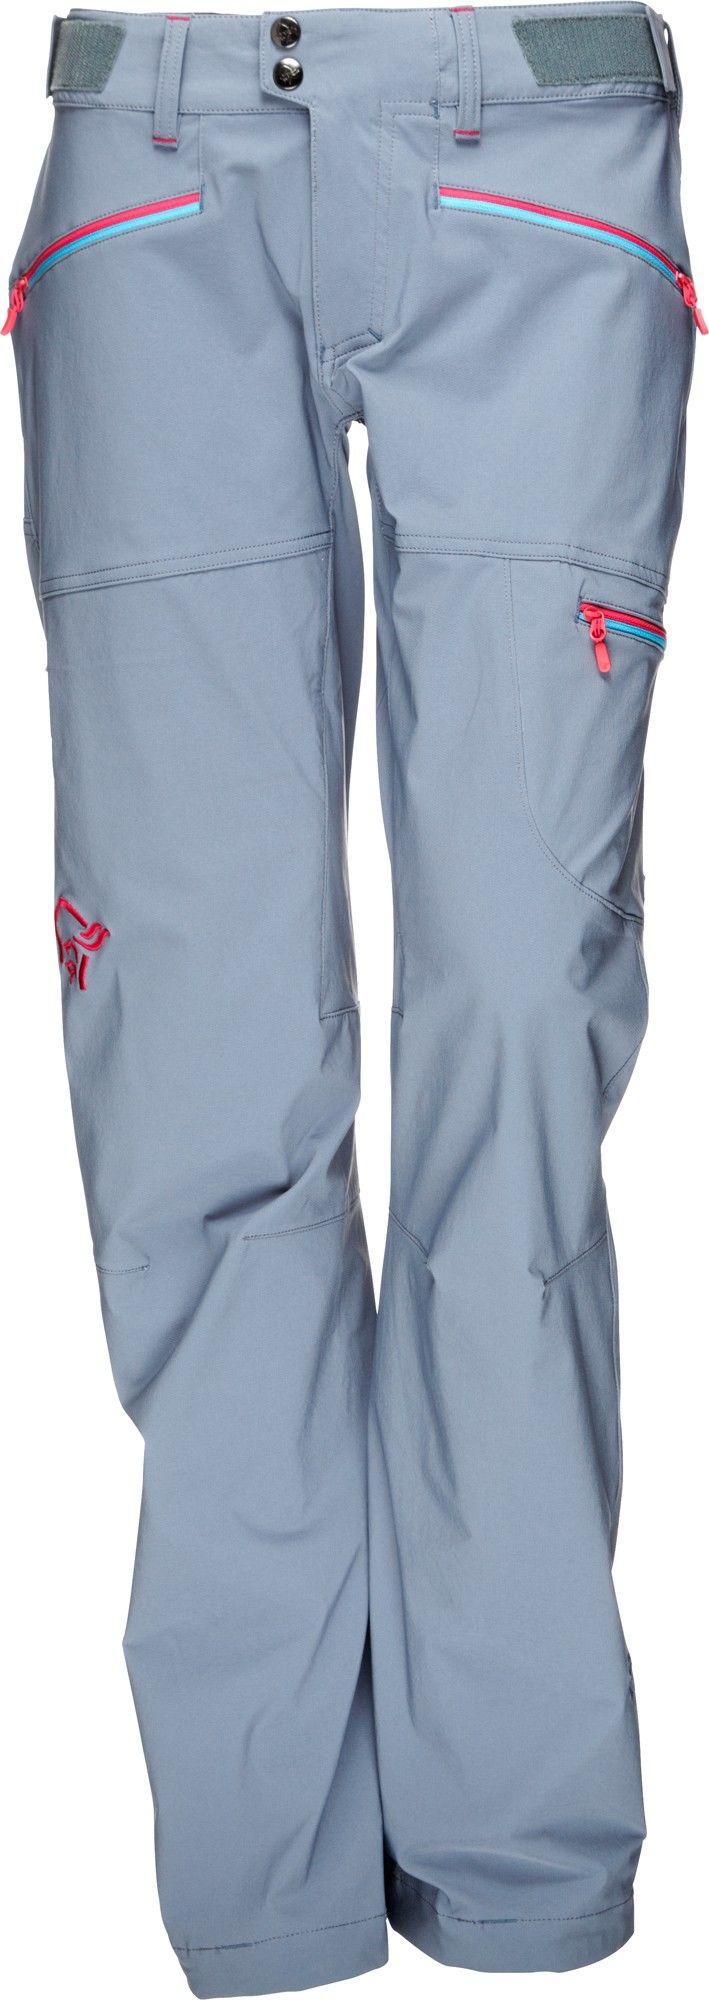 Norrona Falketind Flex1 Pants Grau, Female L -Farbe Bedrock, L